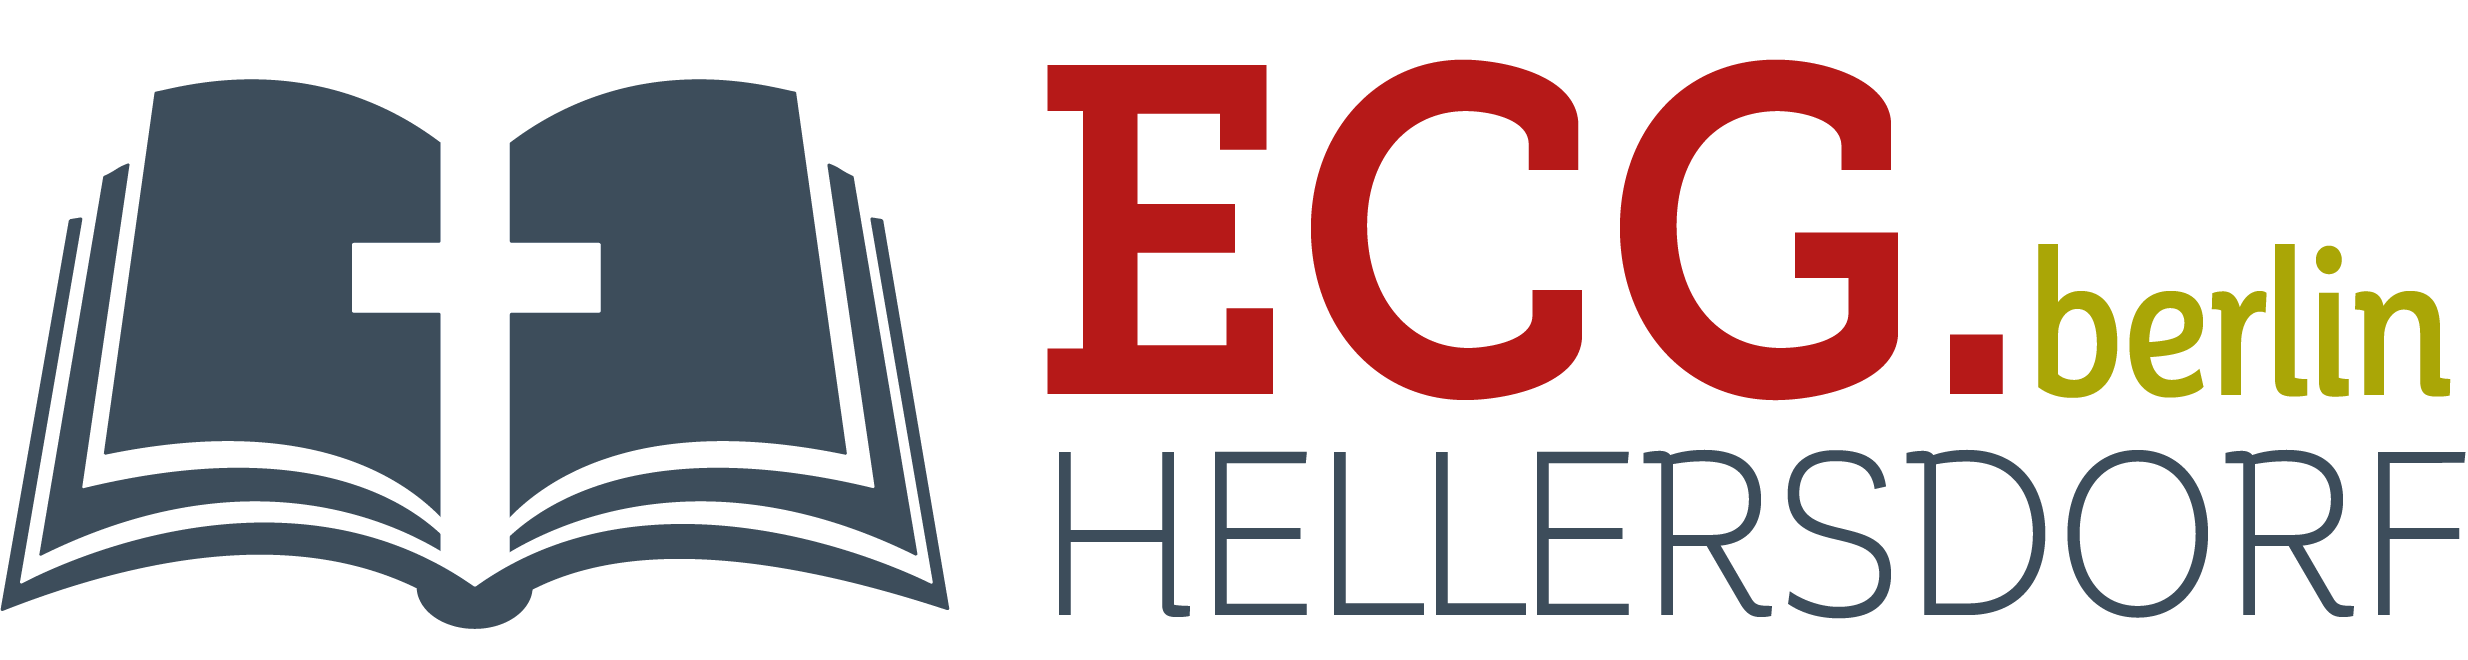 ECG Berlin-Hellersdorf